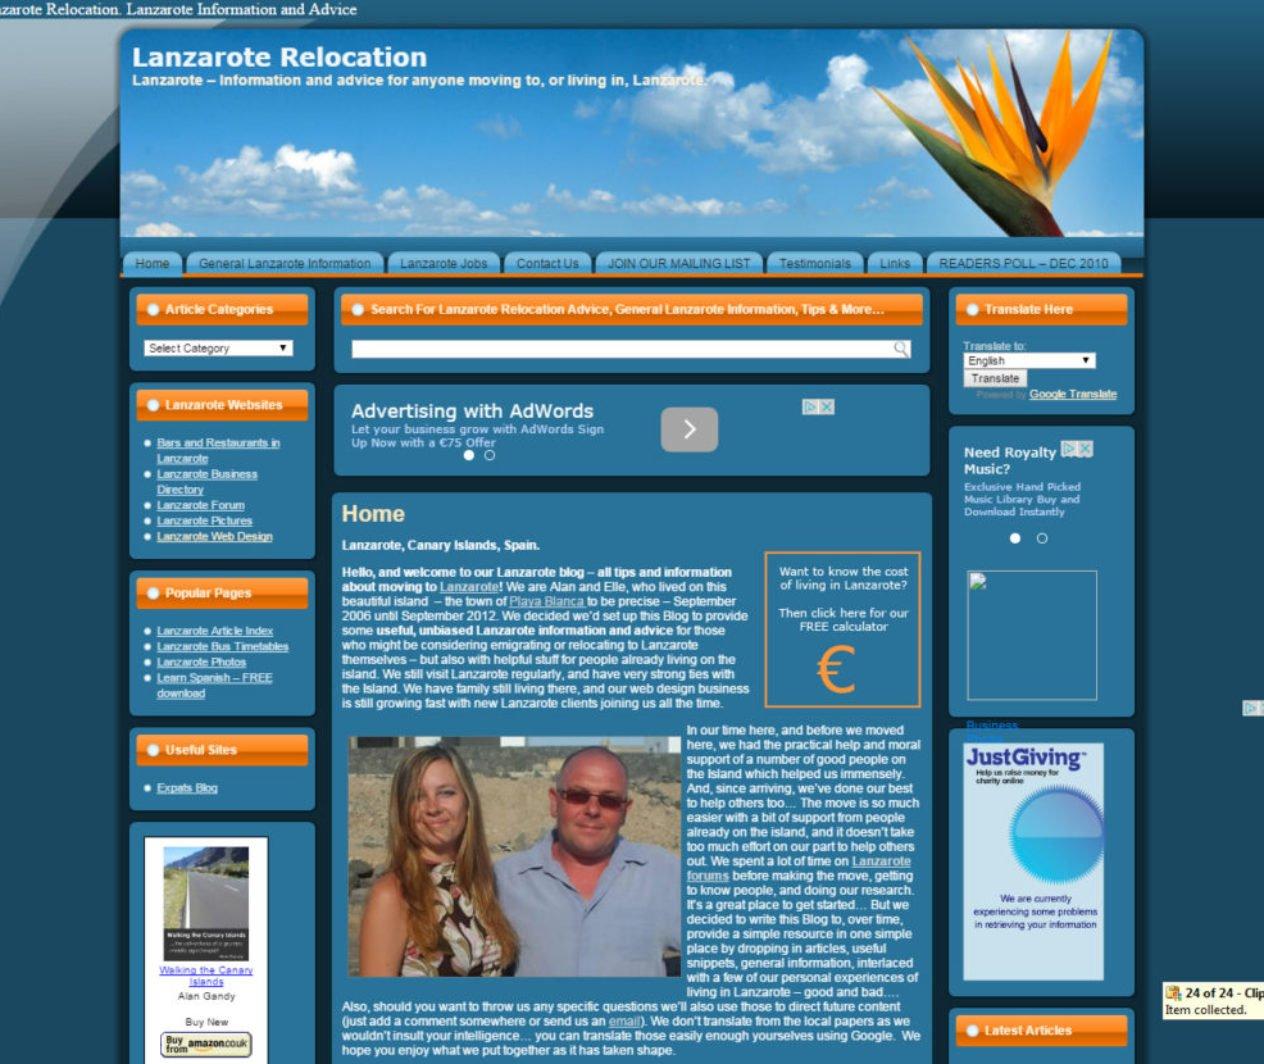 Lanzarote Relocation